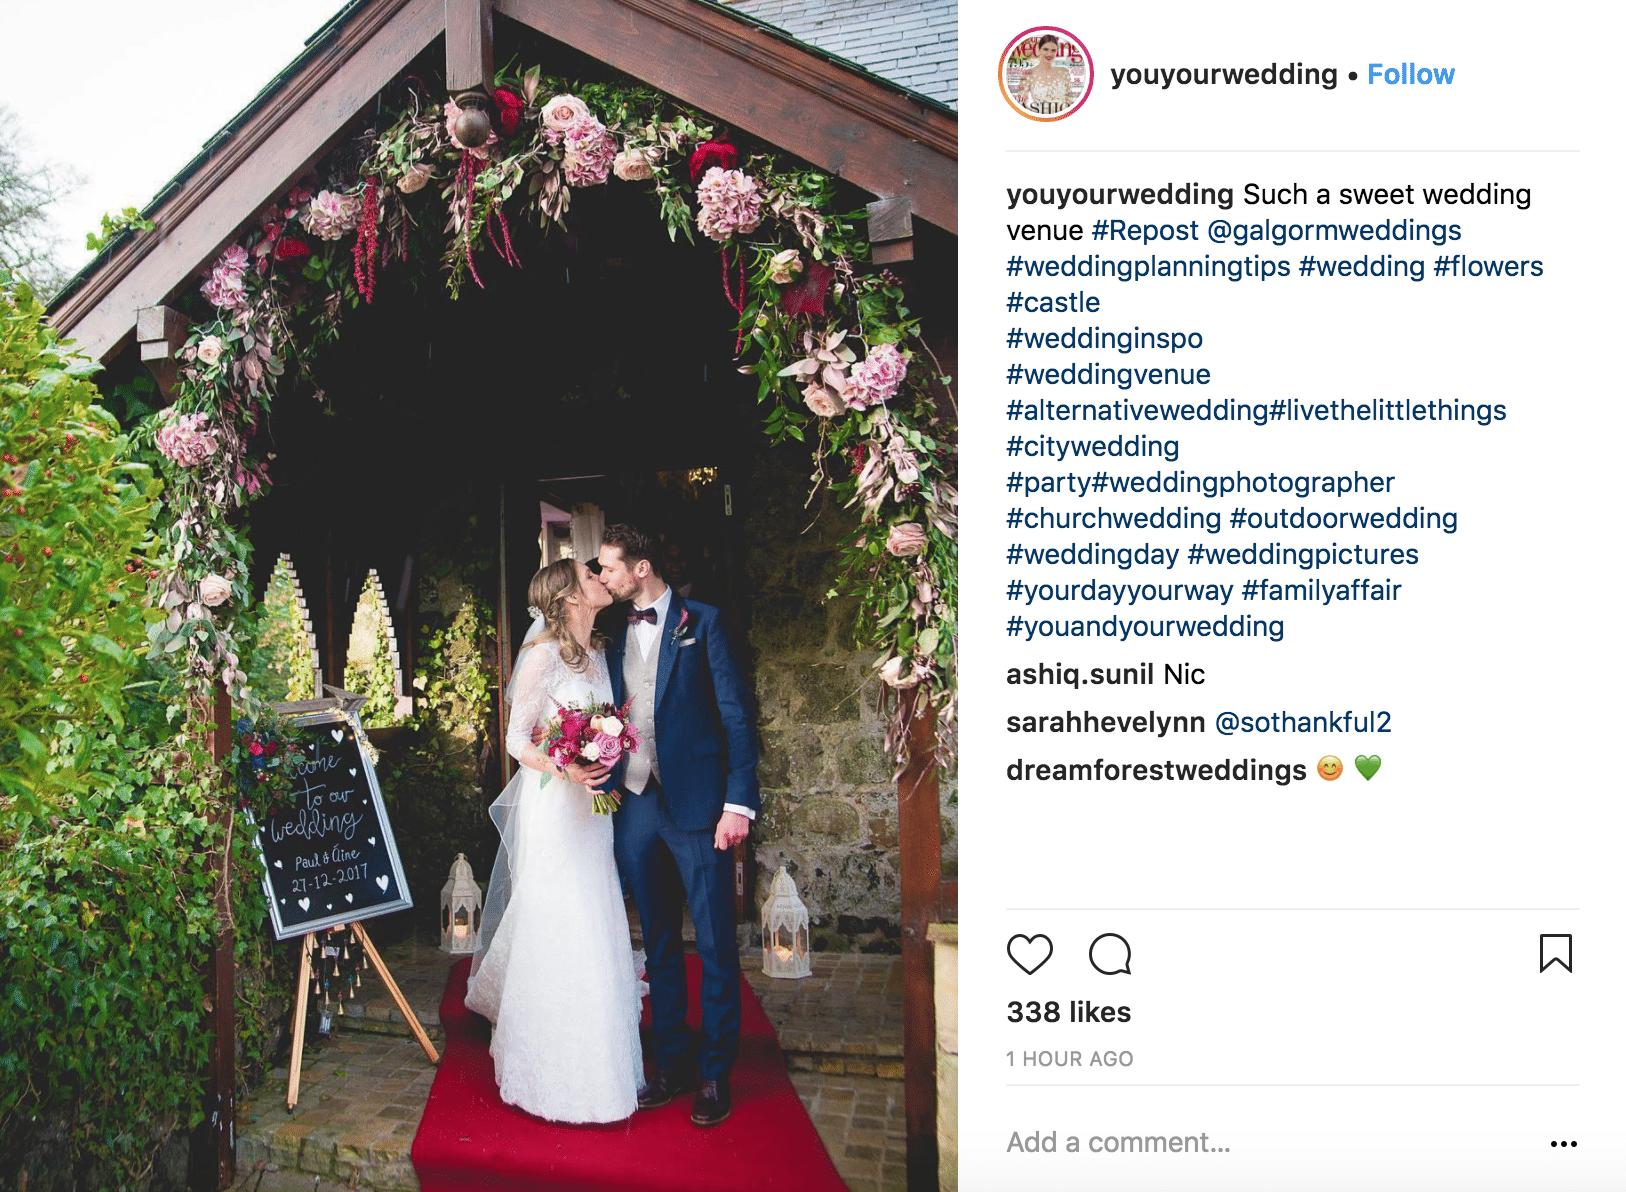 Instagram accounts to follow-youyourwedding